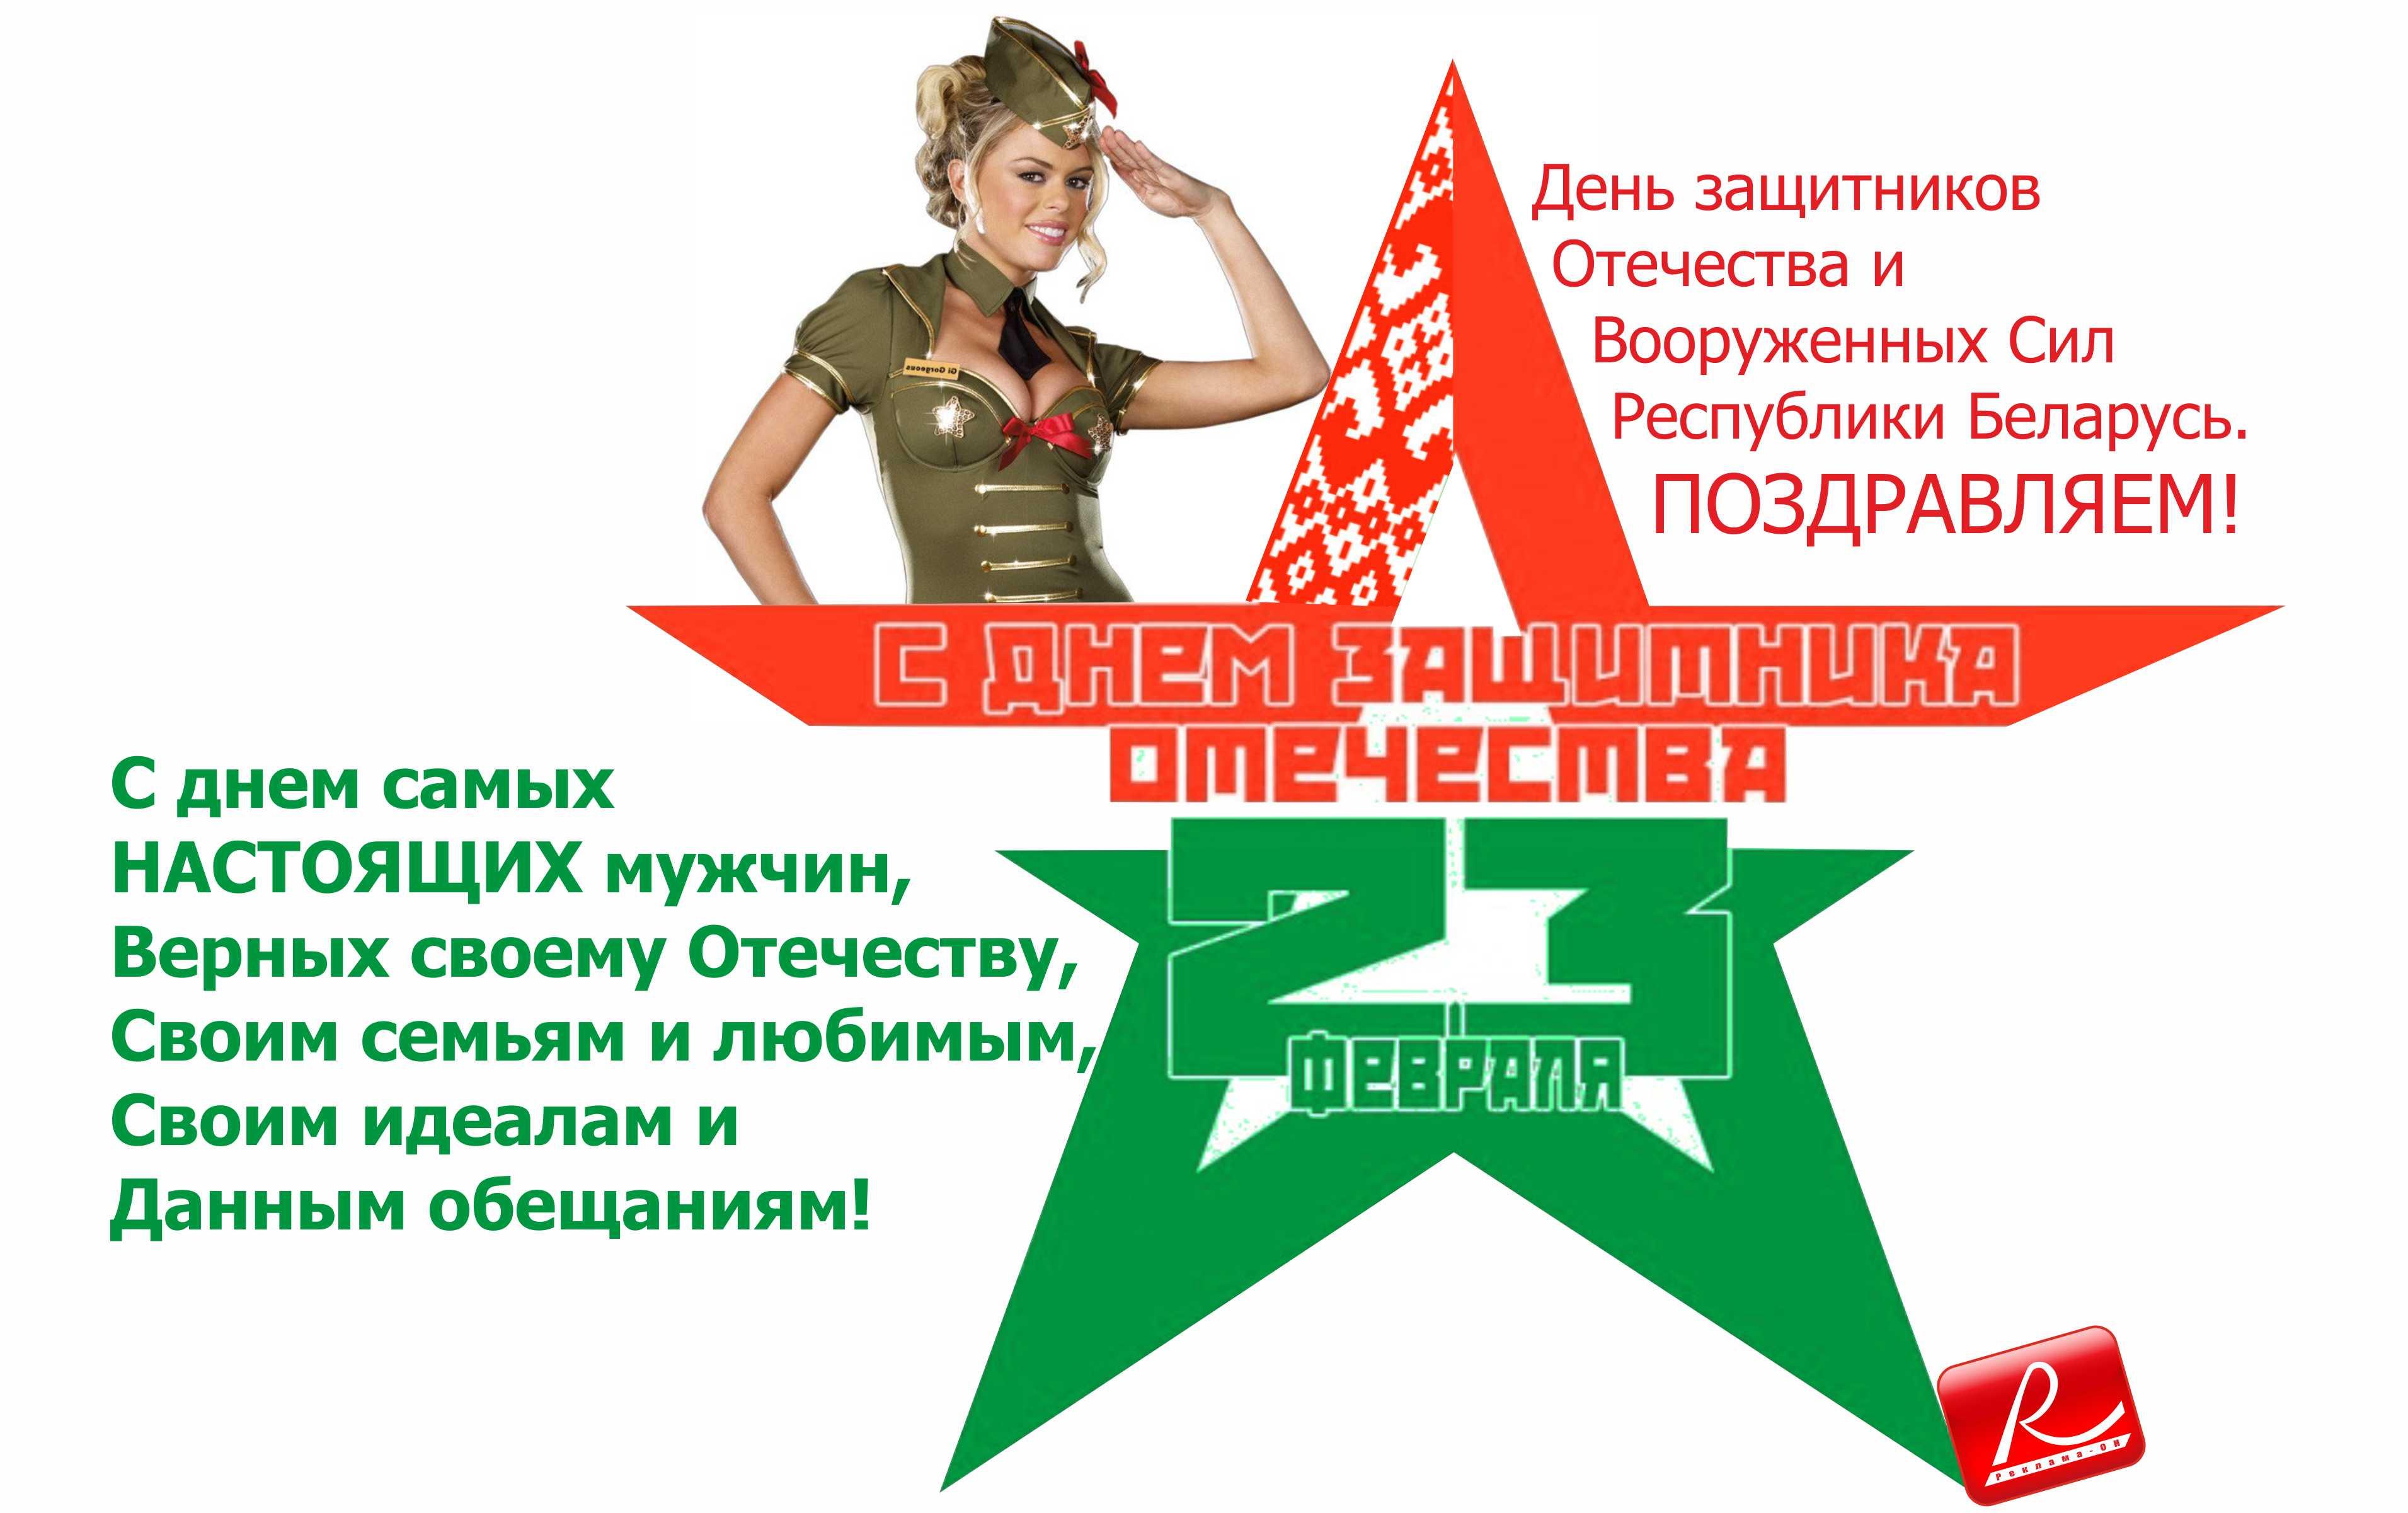 с 23 февраля, Днем защитника Отечества!